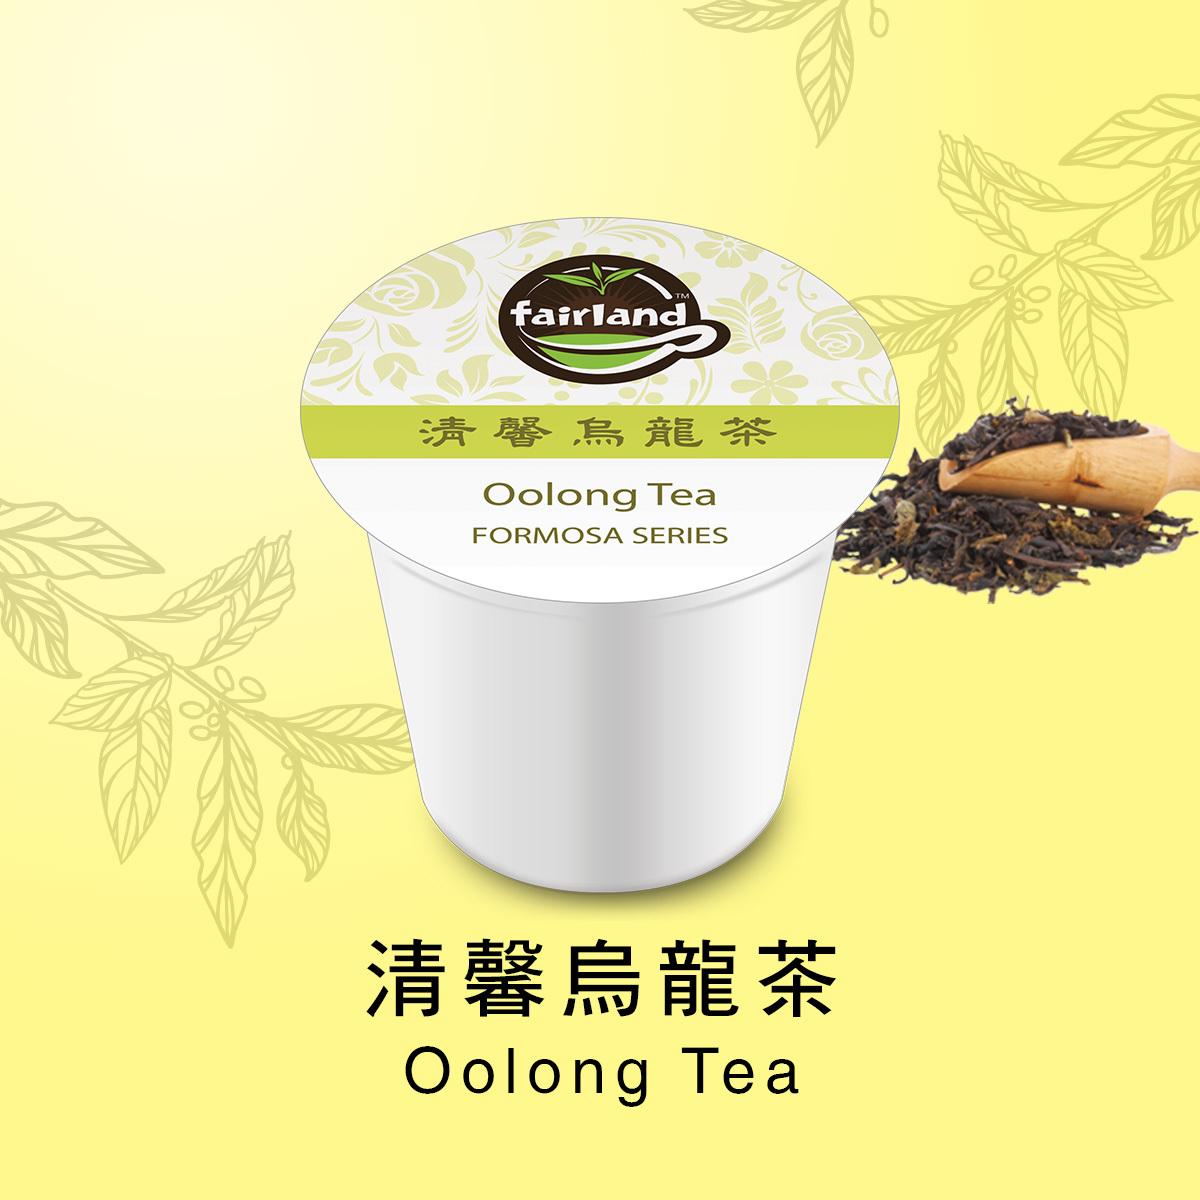 斐然莊園-清馨烏龍茶 Oolong Tea.jpg